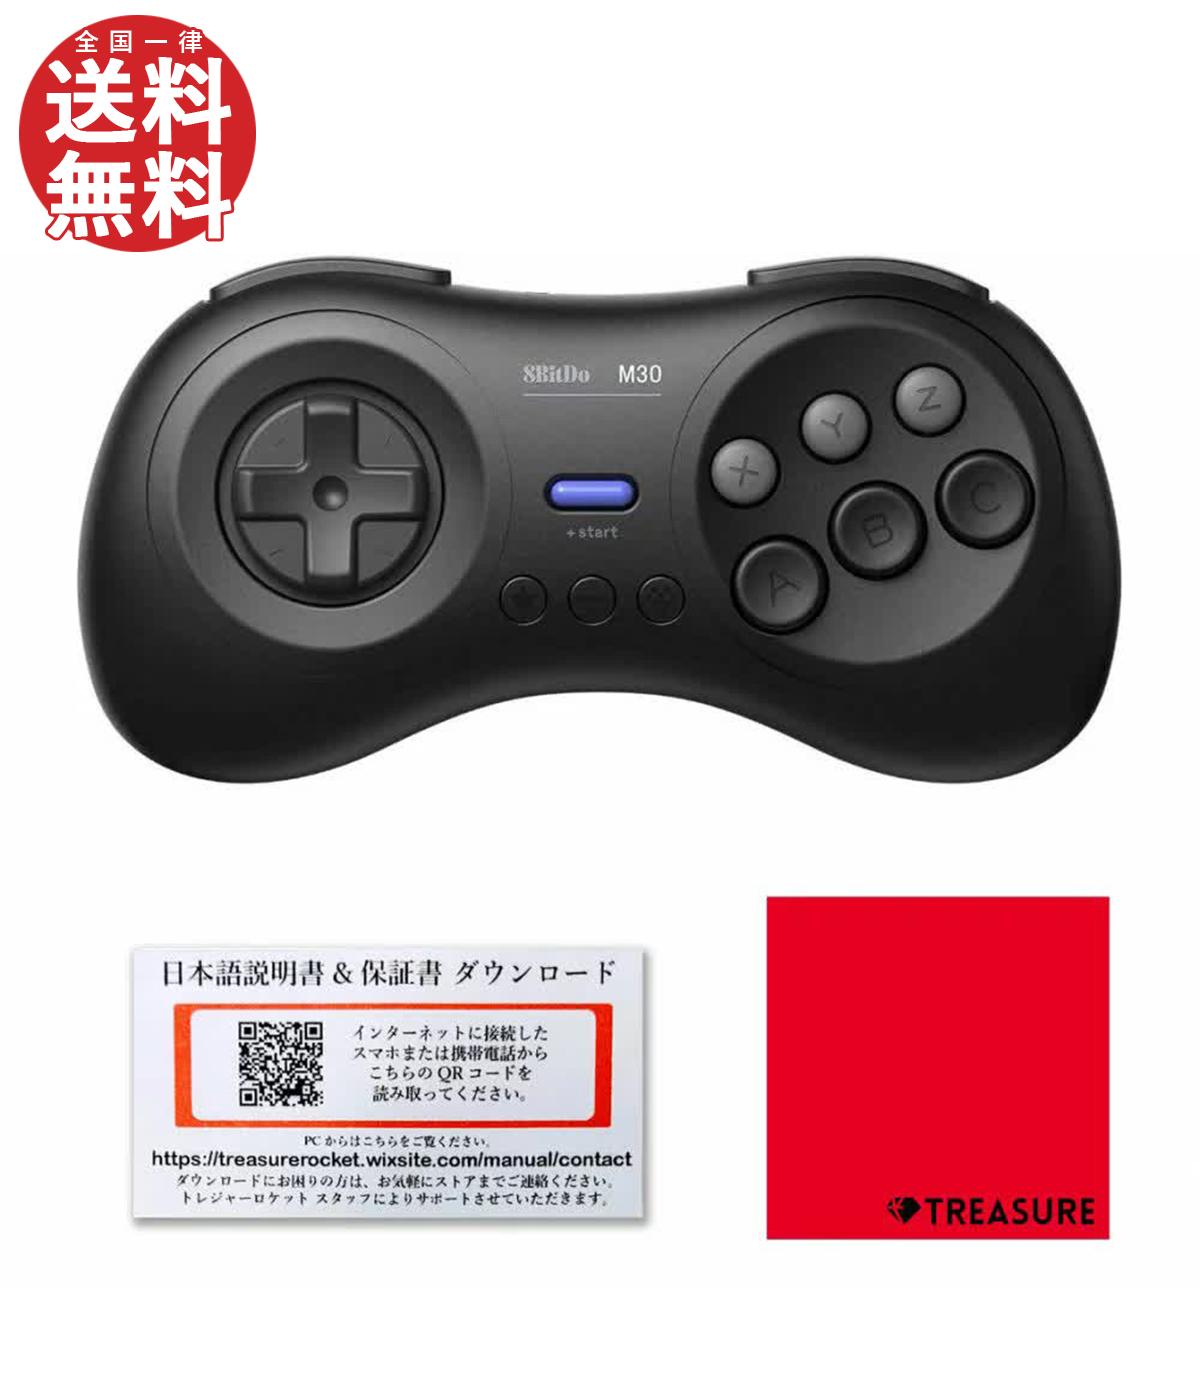 送料無料 新作入荷!! 正規品 8Bitdo M30 Bluetooth アウトレット☆送料無料 Wireless GamePad ゲーミングコントローラー Pi 3カ月保証 ゲームパッド Raspberry macOS 日本語説明書付 Switch 6ボタン